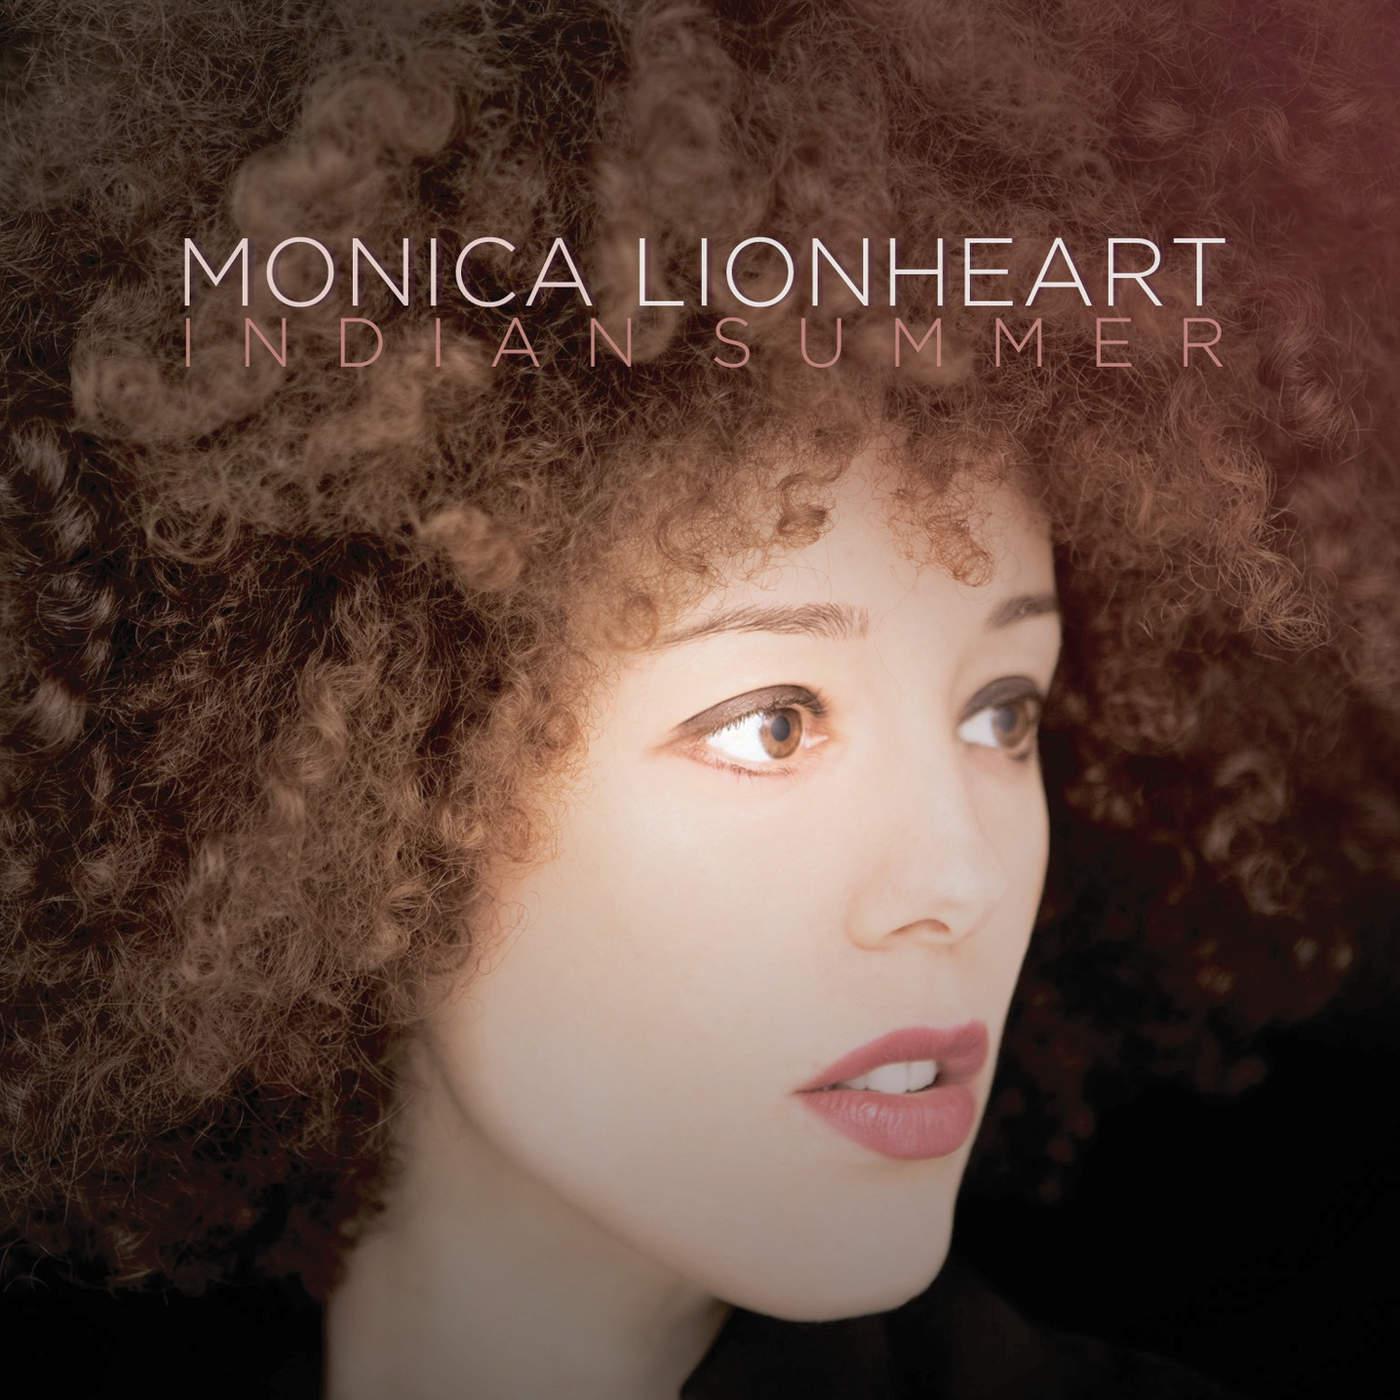 monica lionheart -  indian summer